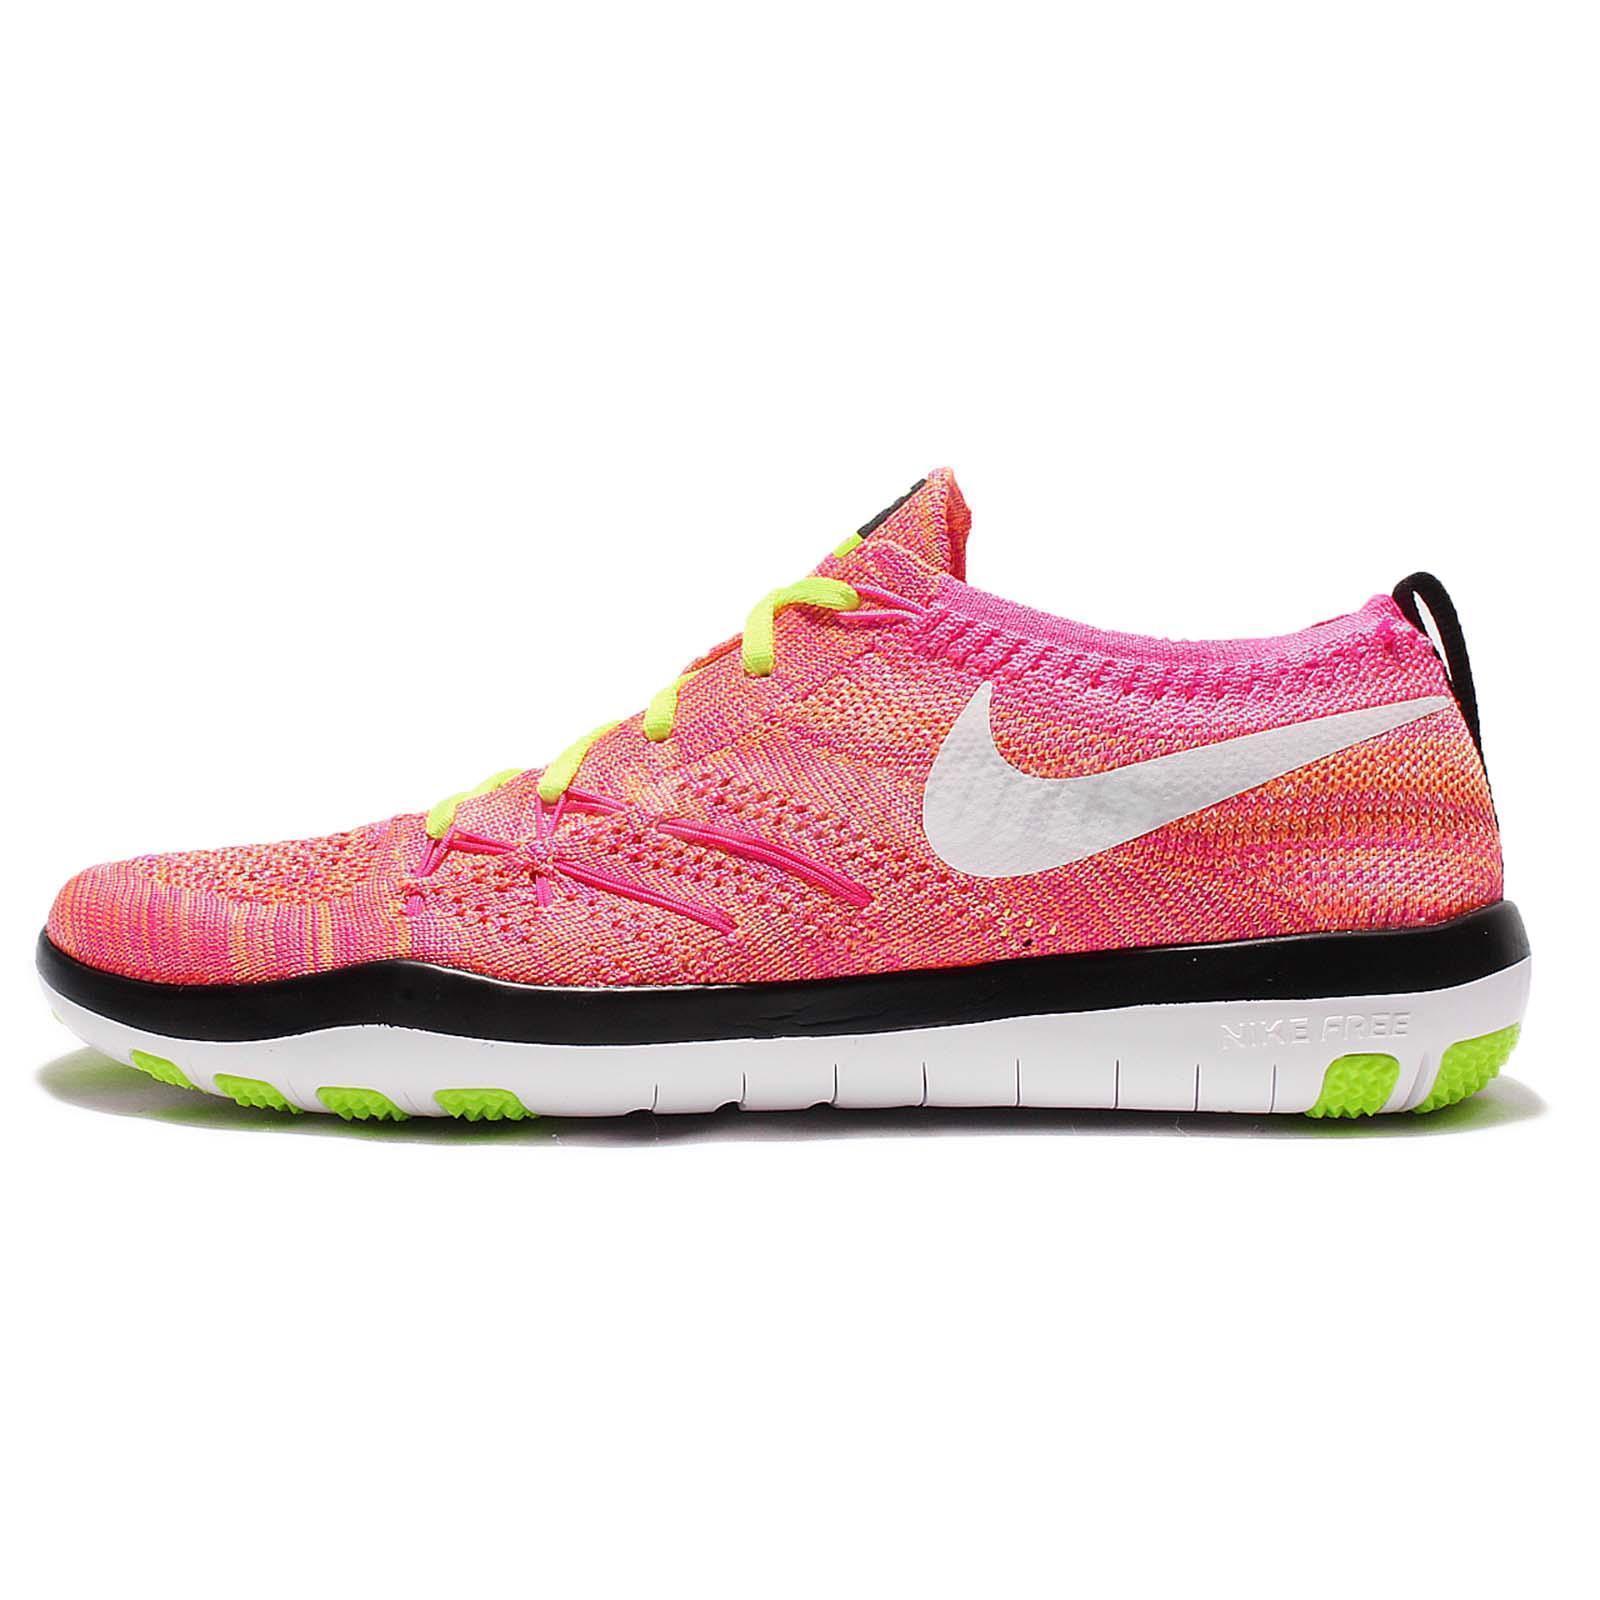 Nwob nike donne libere tr focus fk o scarpe al dettaglio formazione pr: dimensioni: